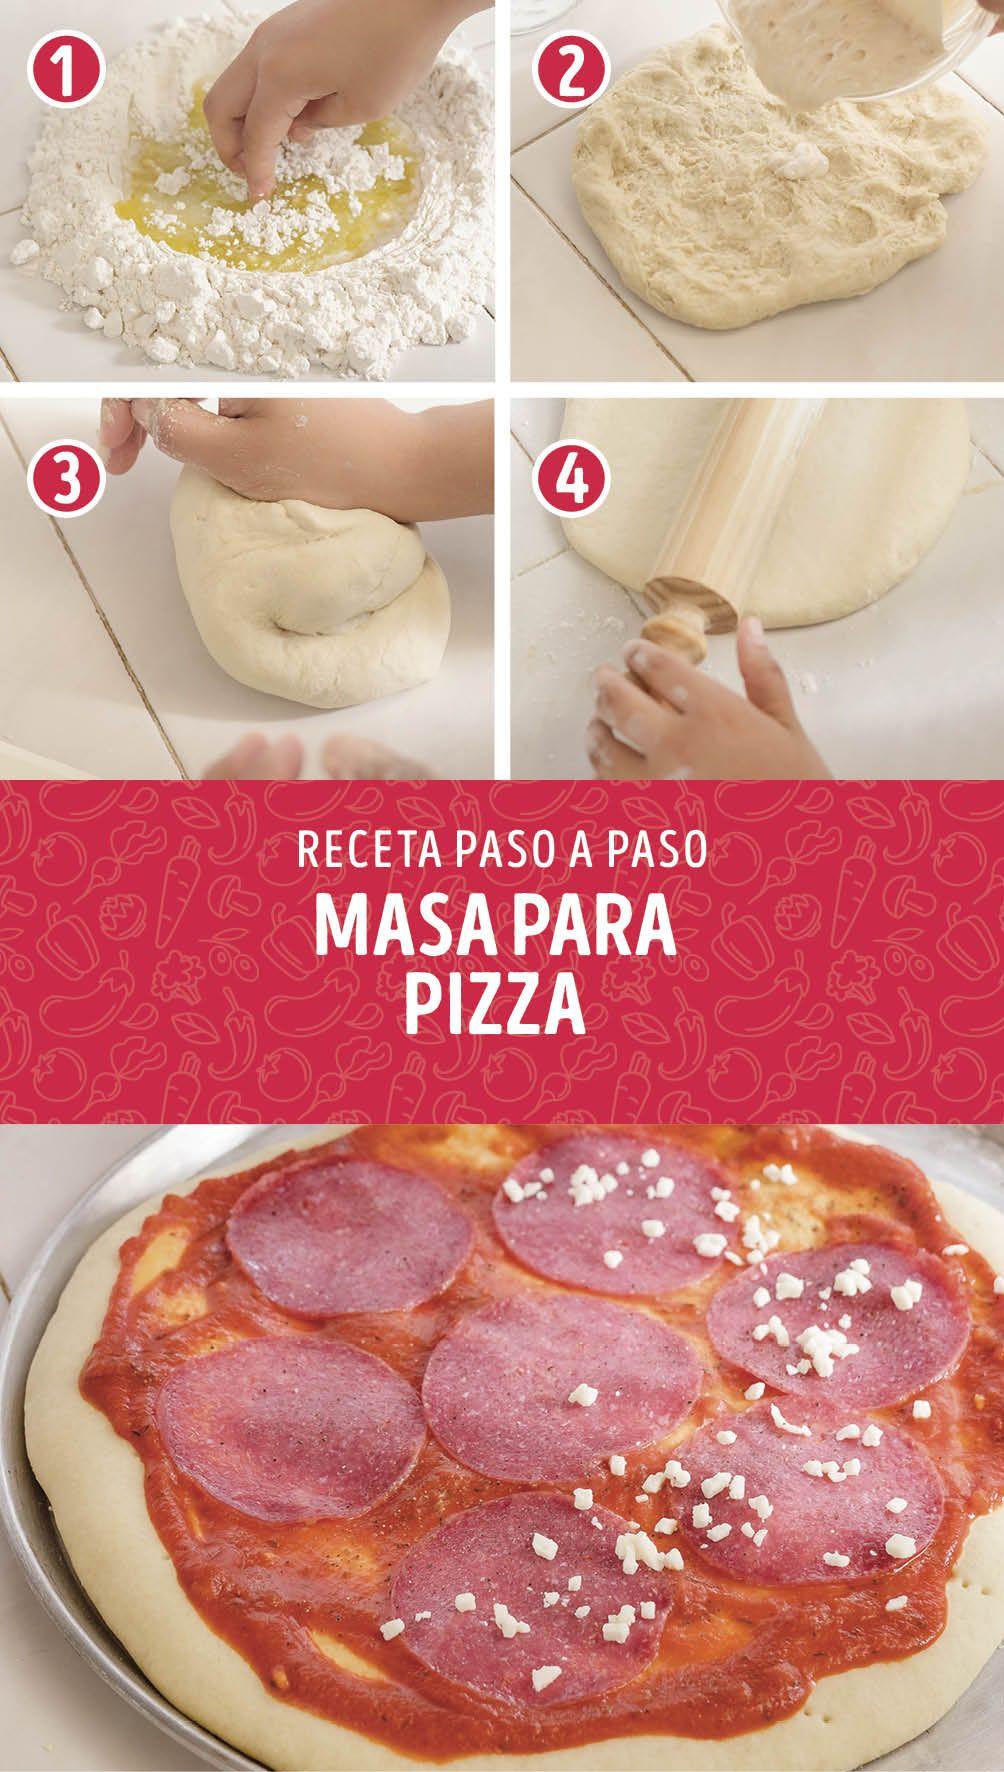 Cómo Hacer Masa Para Pizza Casera Pizzas Caseras Receta Masa Para Pizza Pizza Casera